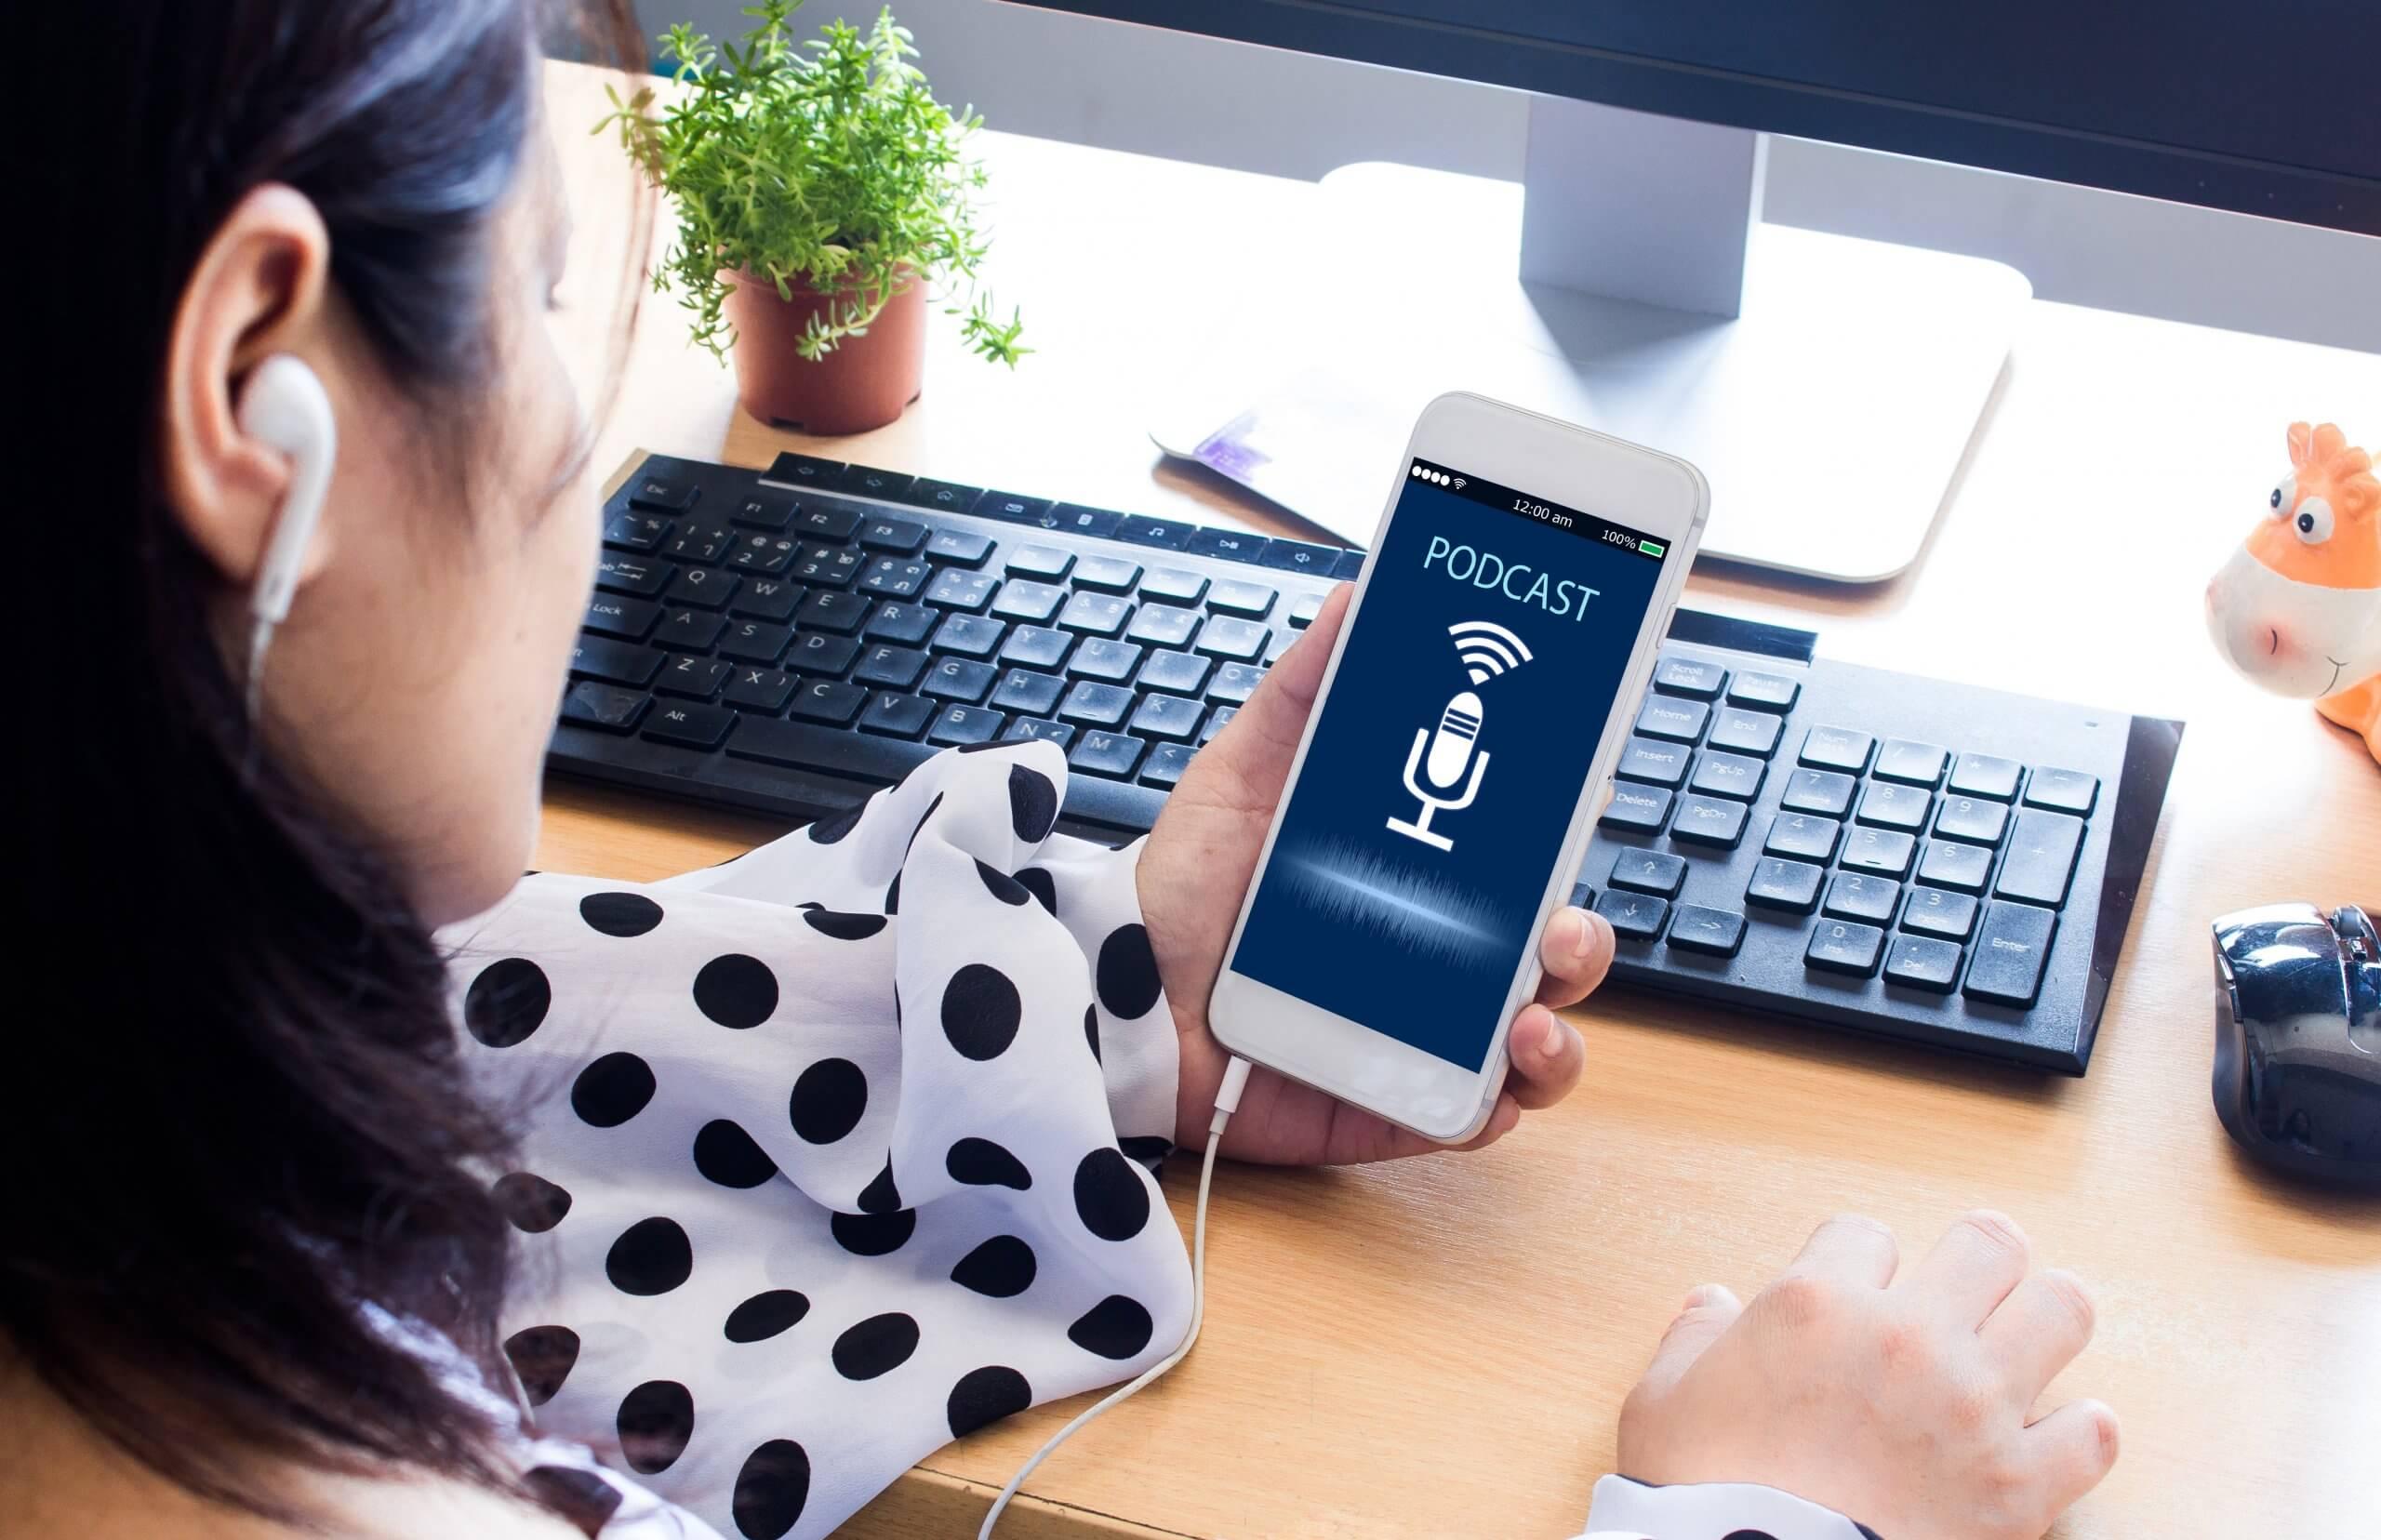 5 Manfaat Mendengarkan Podcast yang Harus Diketahui